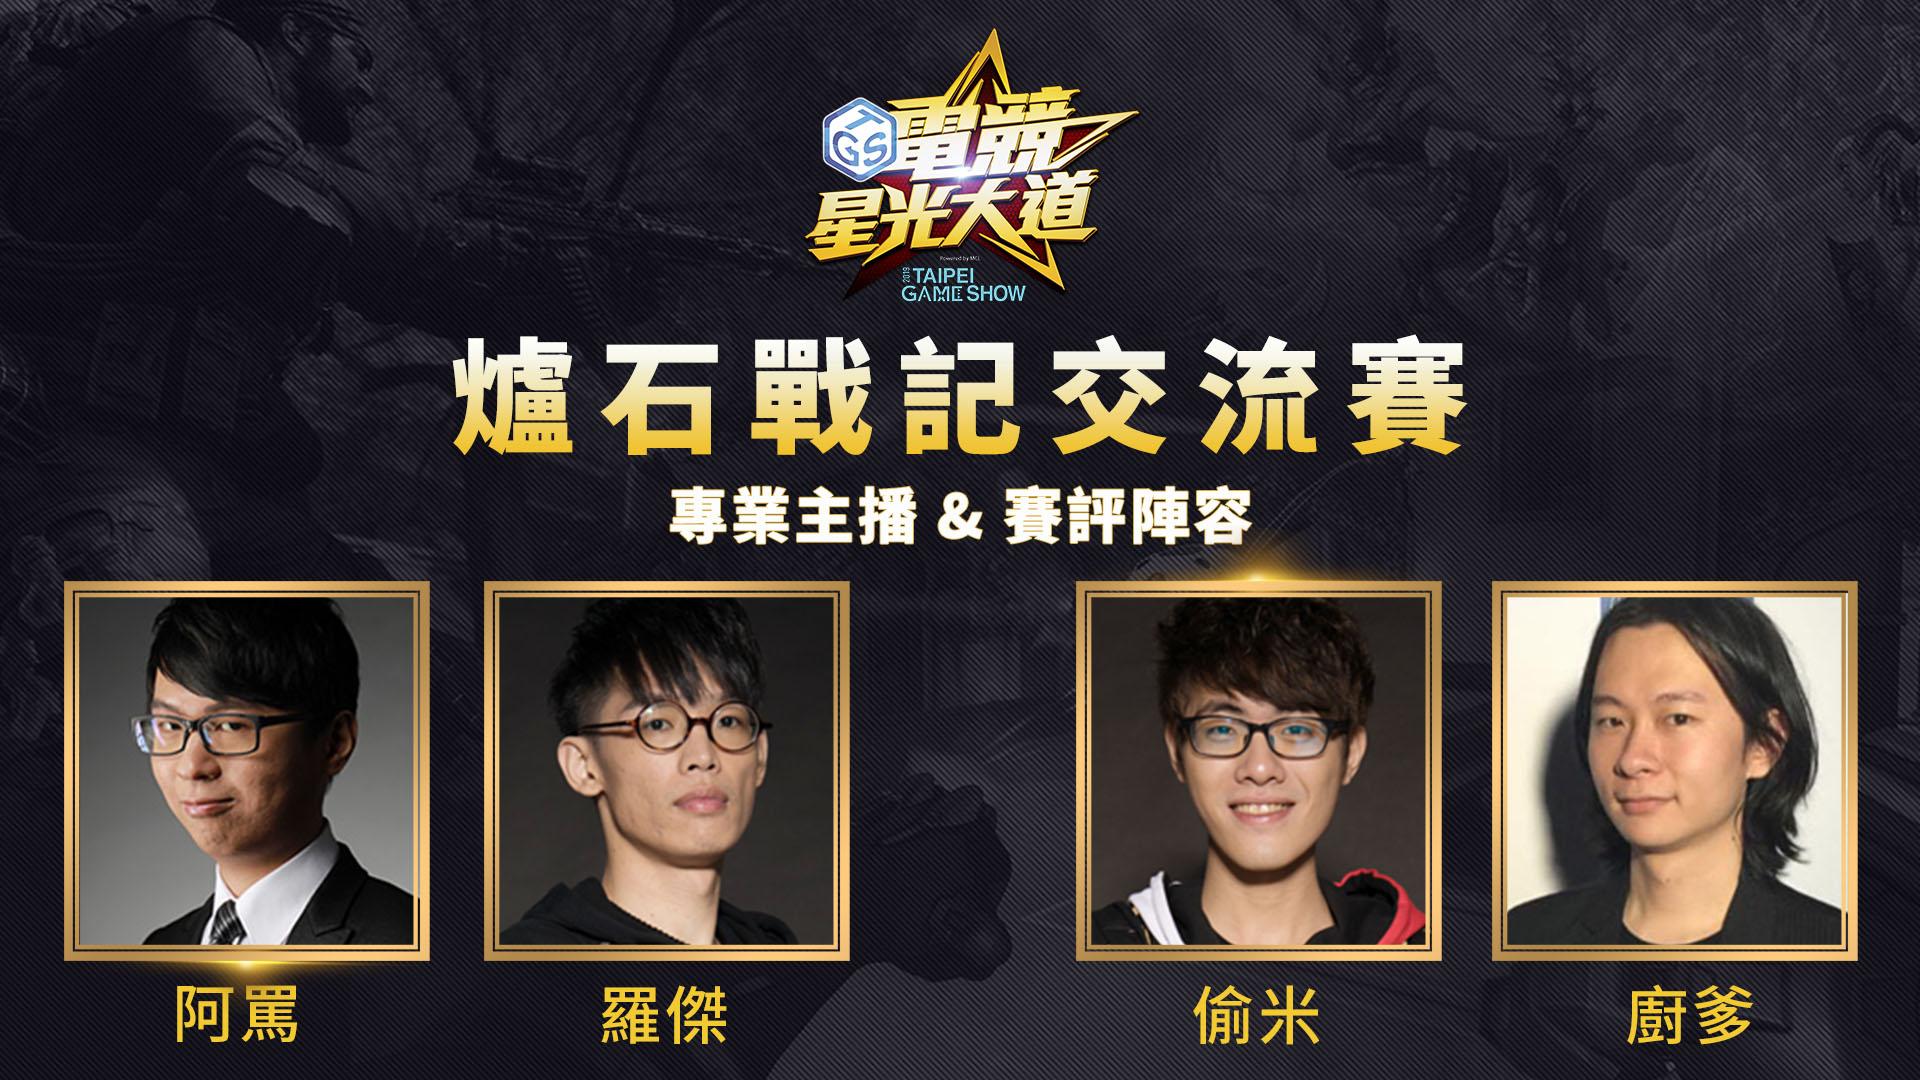 《TGS電競星光大道》台北電玩展明日登場 展區攻略大公開 再抽專業電競週邊